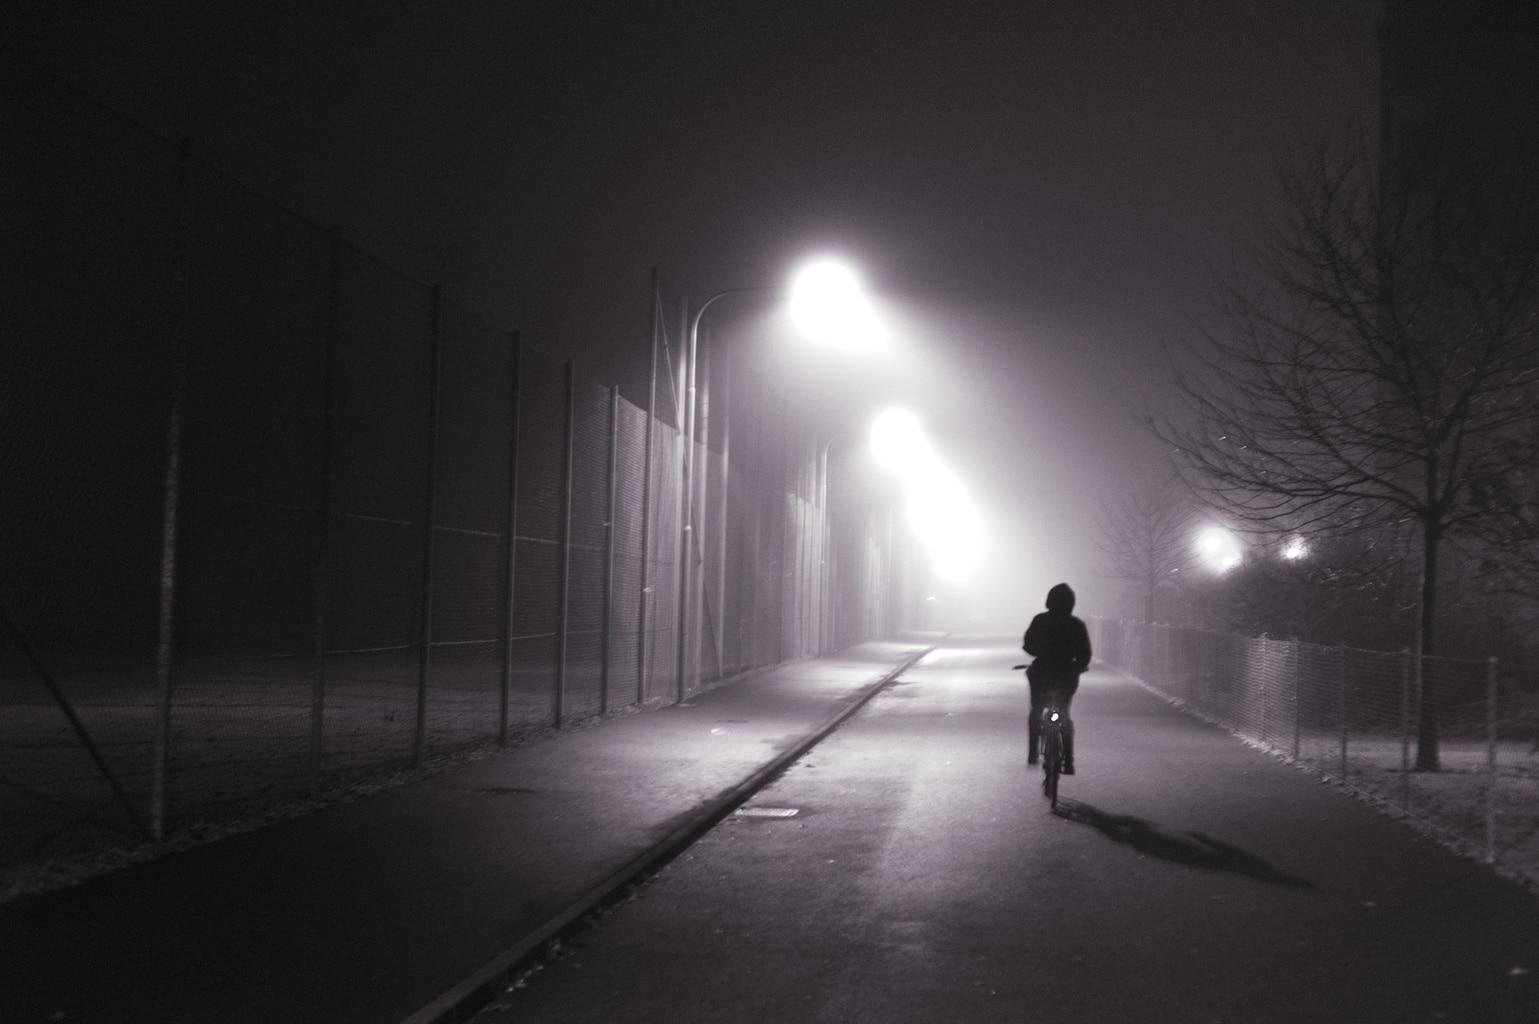 bicicleta en la calle por la noche